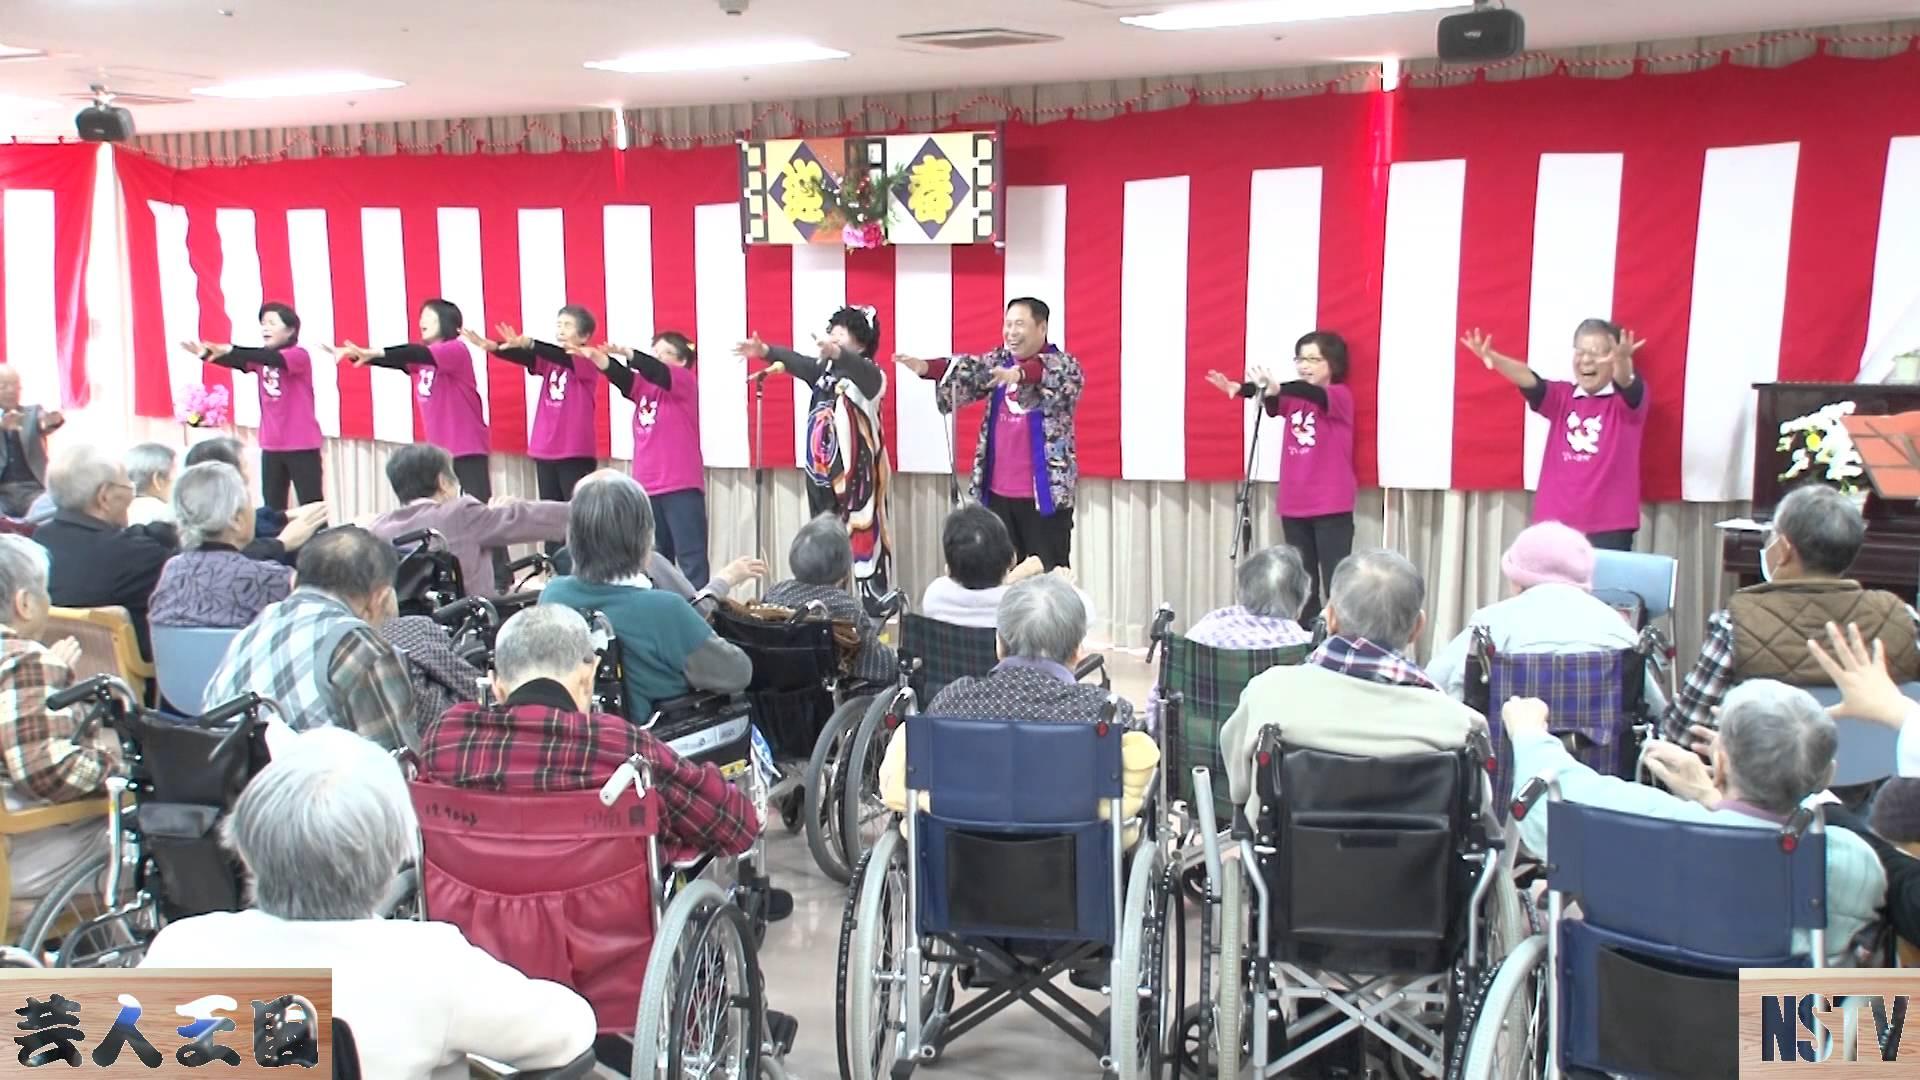 那須お笑いクラブ 山百合荘で2015新春初笑い(1)